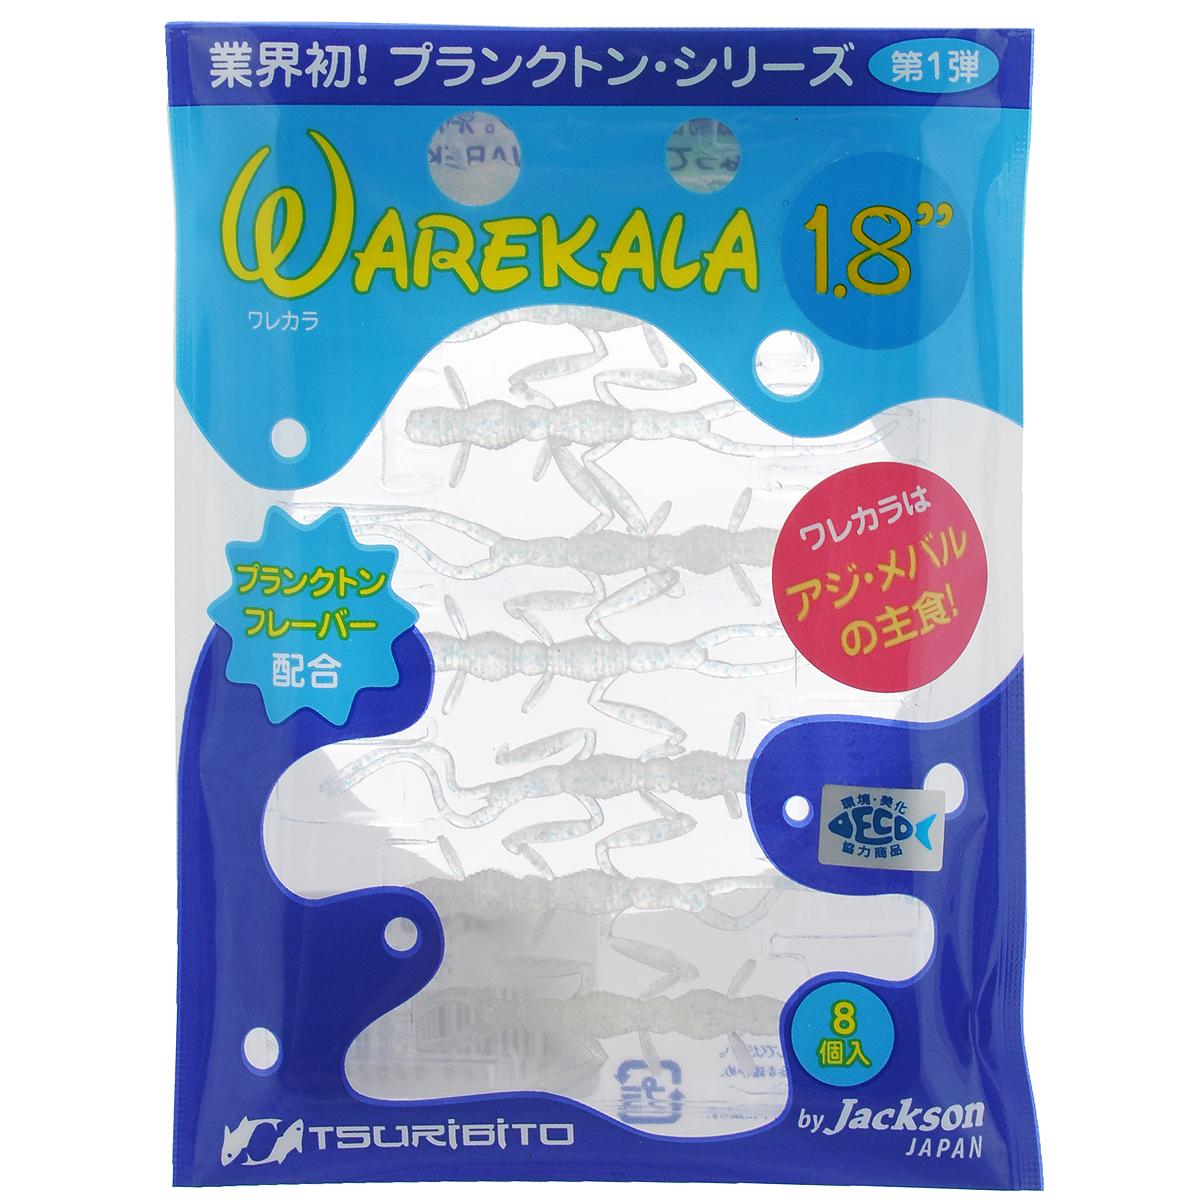 Приманка для рыбы Tsuribito-Jackson Рачок, цвет: перламутровый, 4,5 см, 8 шт80932Приманка Tsuribito-Jackson Рачок, выполненная из высококачественного силикона, это маленькая, похожая на насекомое приманка, которую полюбит практически любая рыба. На испытаниях на нее бросалась даже уклейка. Приманка идеально подойдет для ловли форели, окуня. Для нее очень подходит плавная проводка с паузами, на которых Tsuribito-Jackson Рачок аппетитно шевелит своими усами. Это раздразнит даже самую скучную рыбу. С противоположенной от рыбы стороны приманка понравится не только поклонникам УЛ-ловли и стритфишерам, но и будет очень полезна для спортсменов.